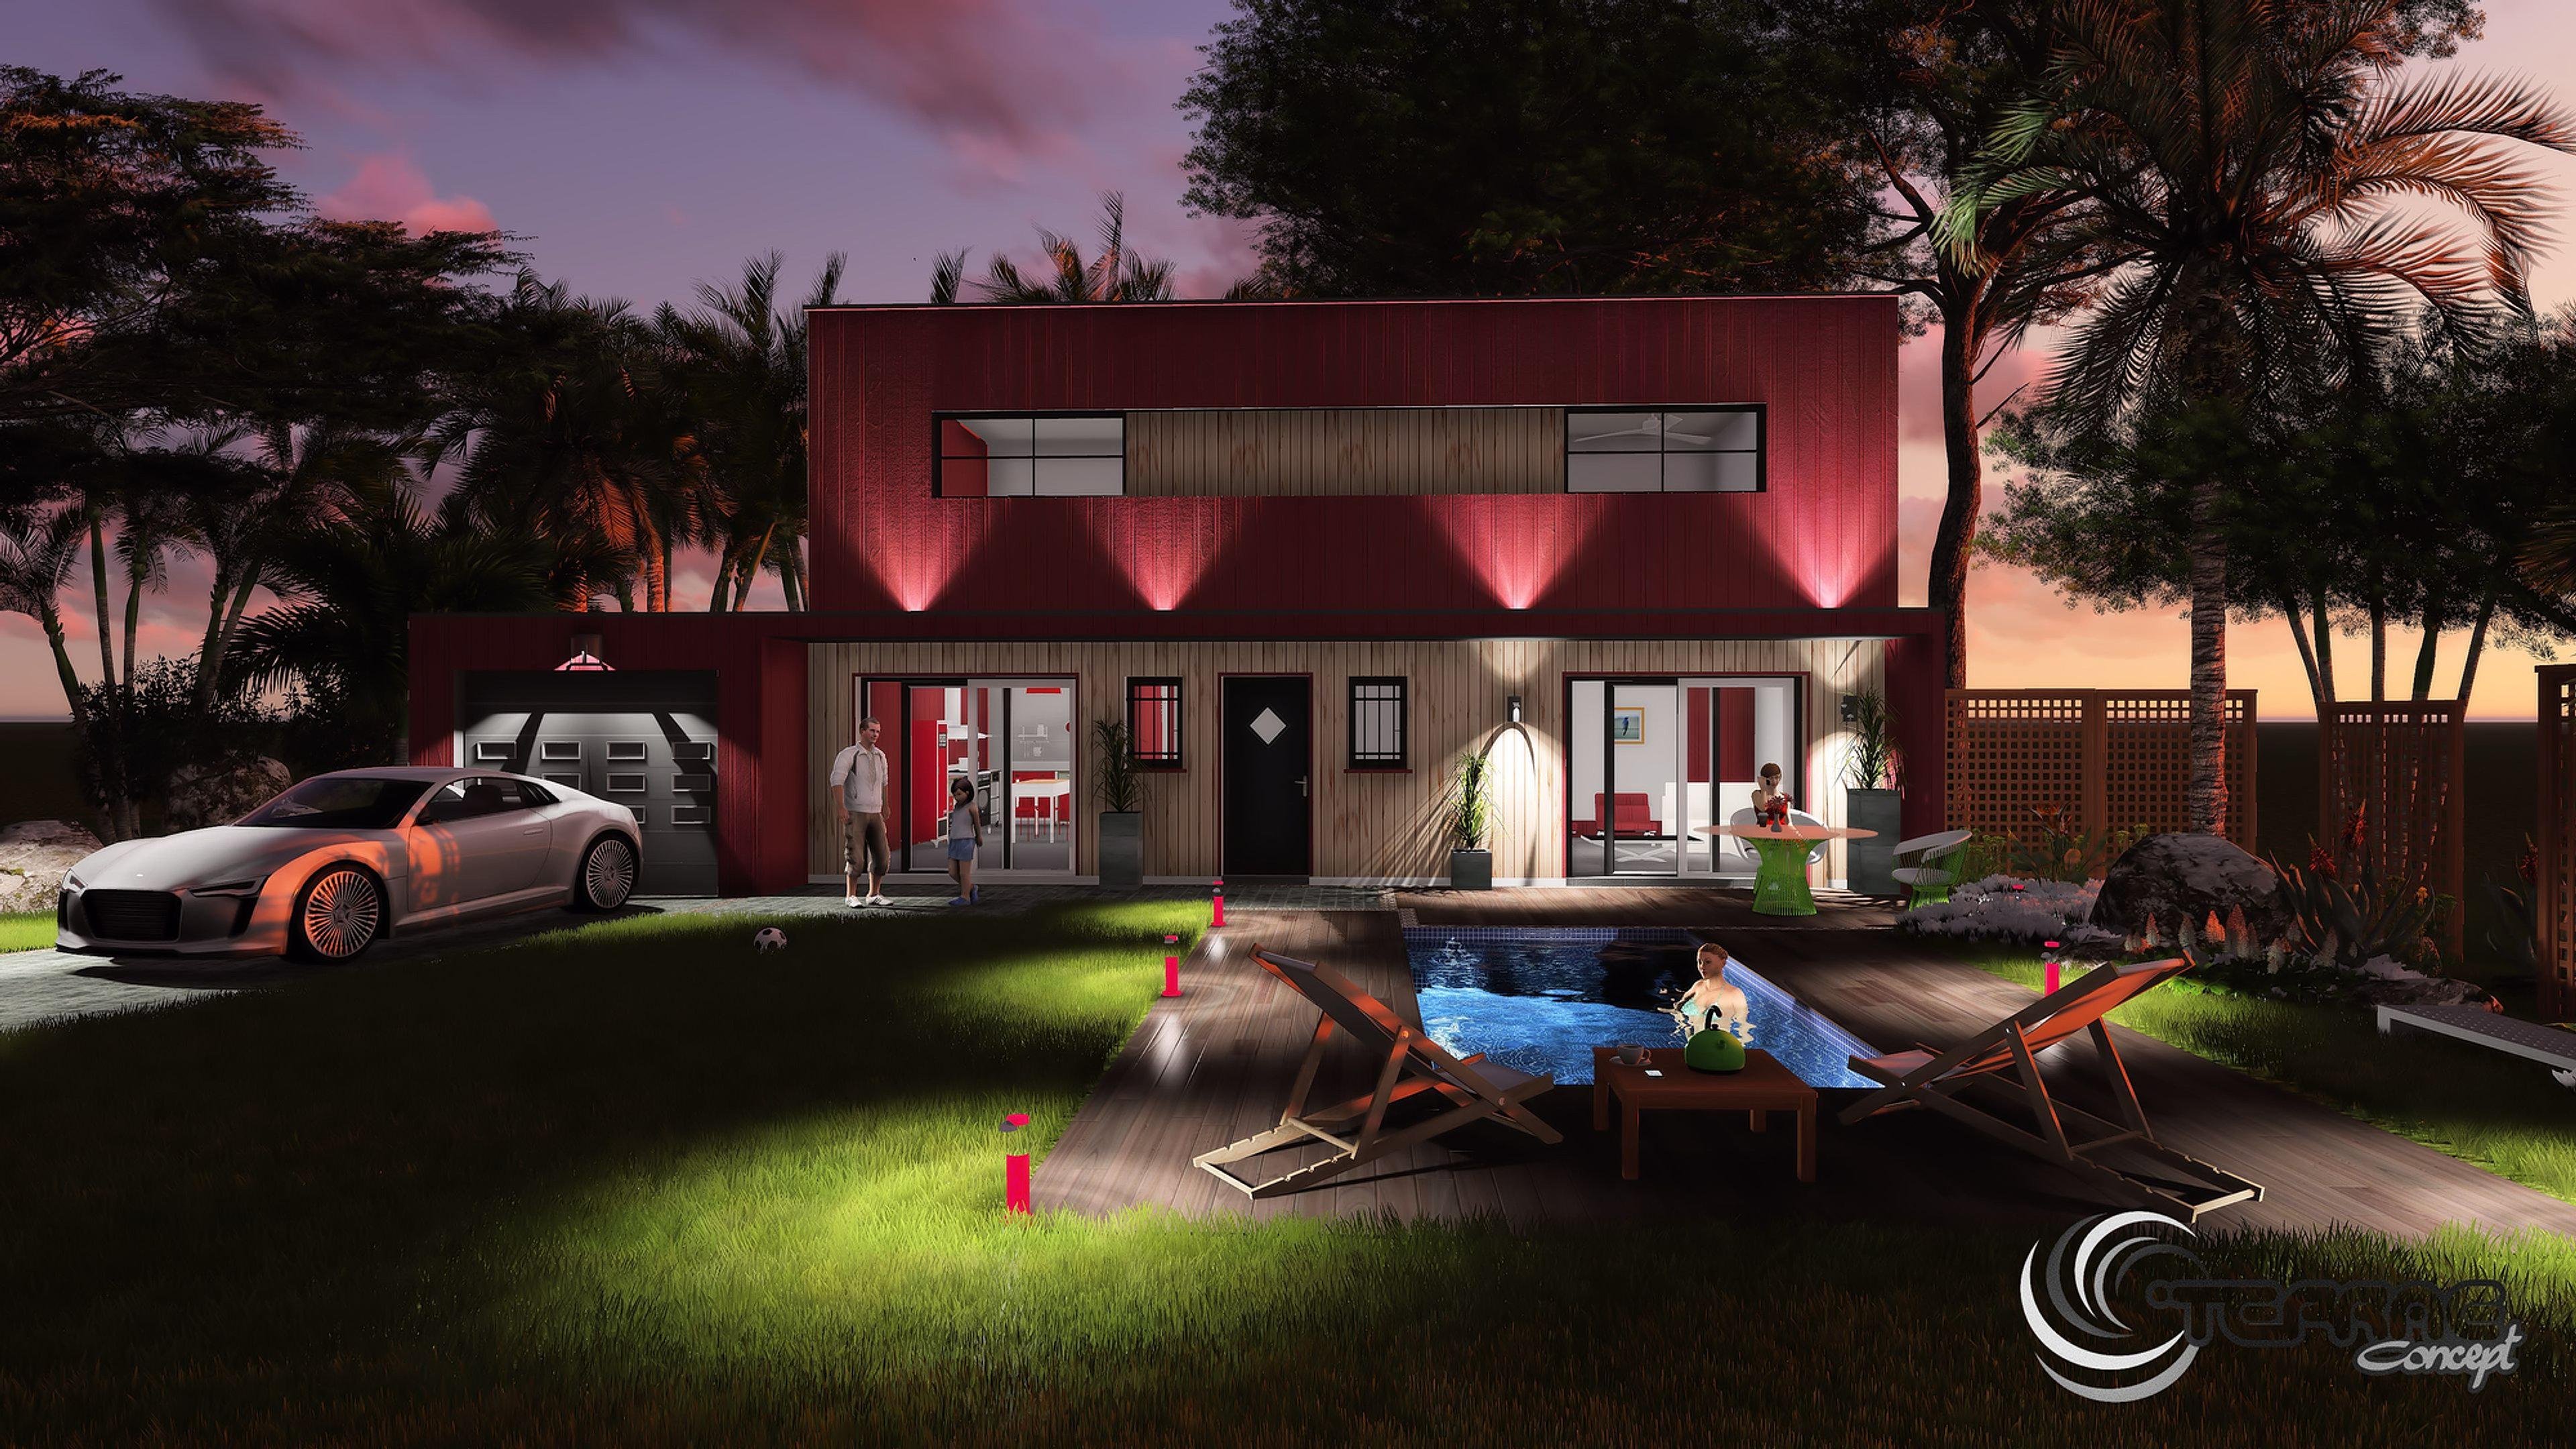 Image maison 3d permis de construire plan maison 3d agence for Eclairage exterieur jardin et maison